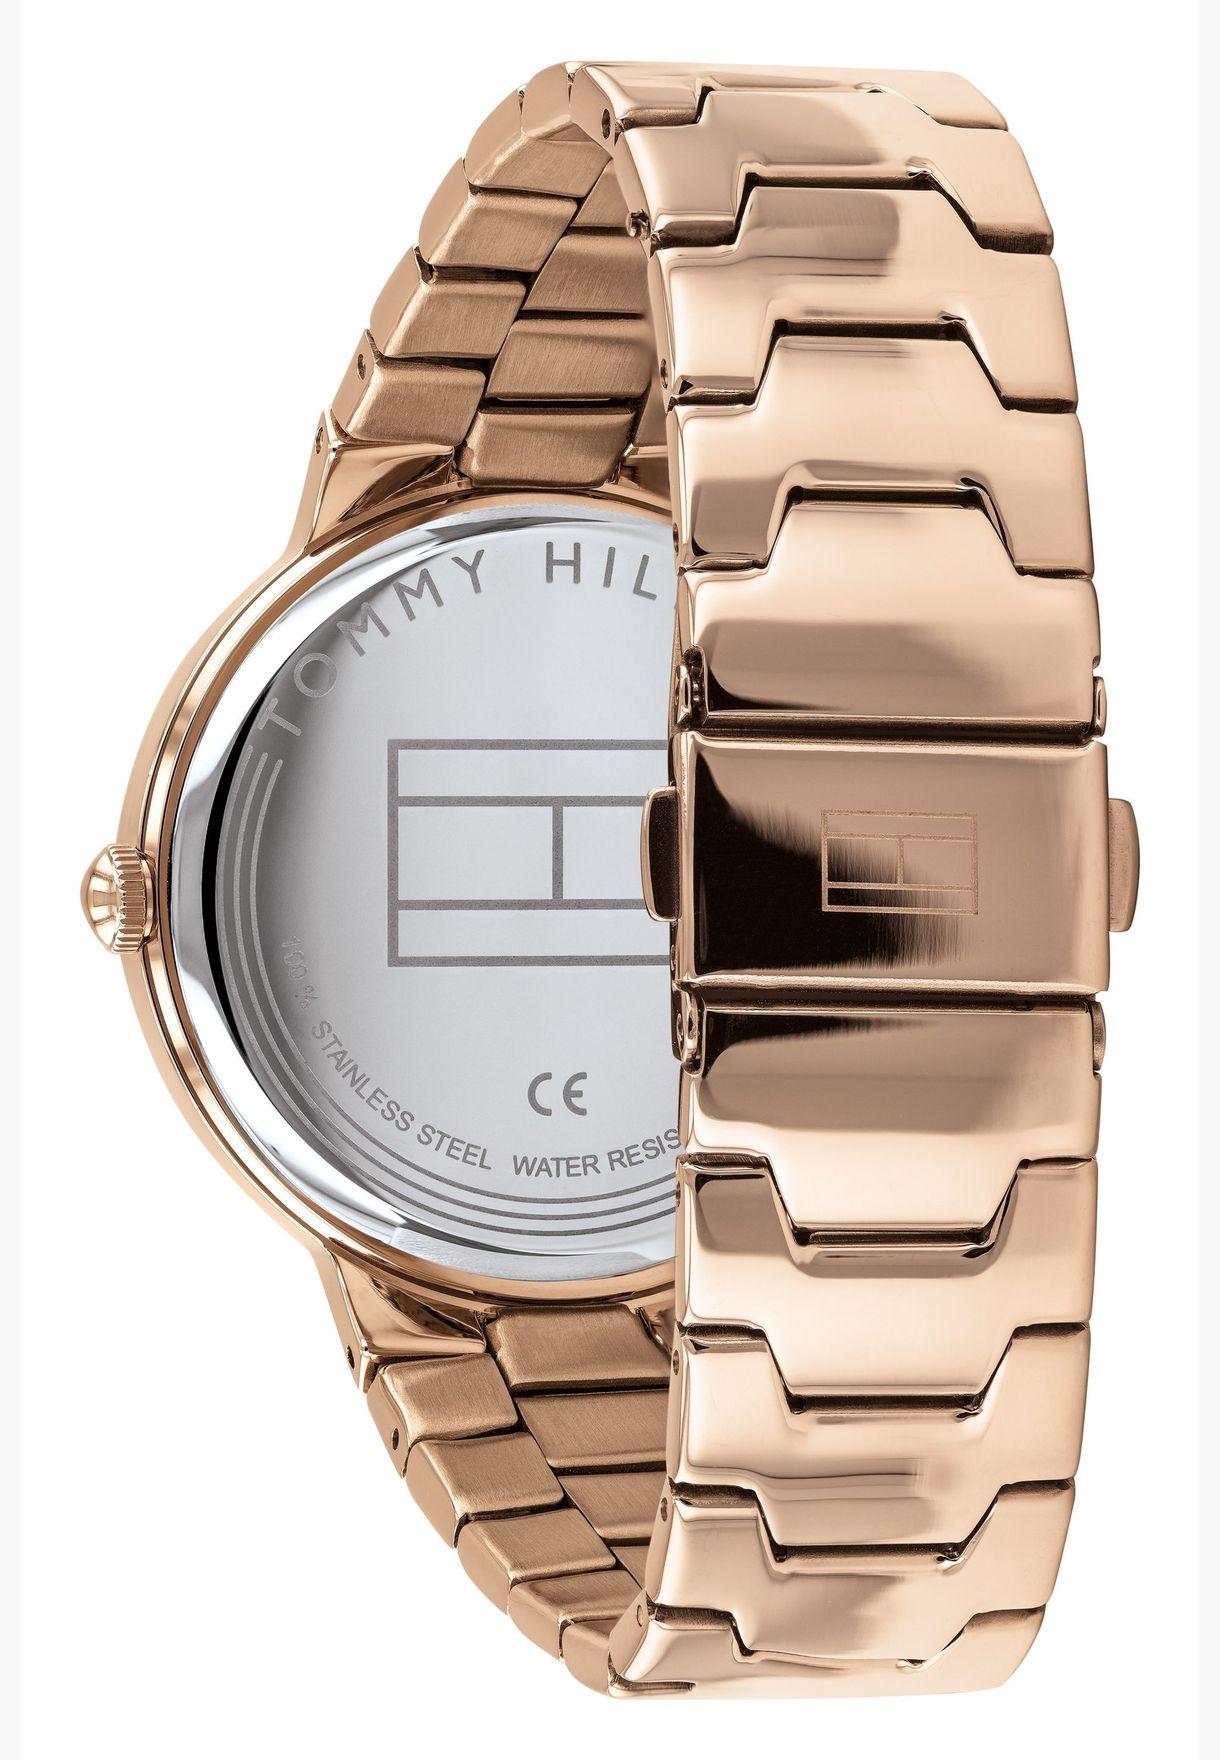 تومي هيلفيغر ساعة أليسا بسوار ستانلس ستيل للنساء - 1782076